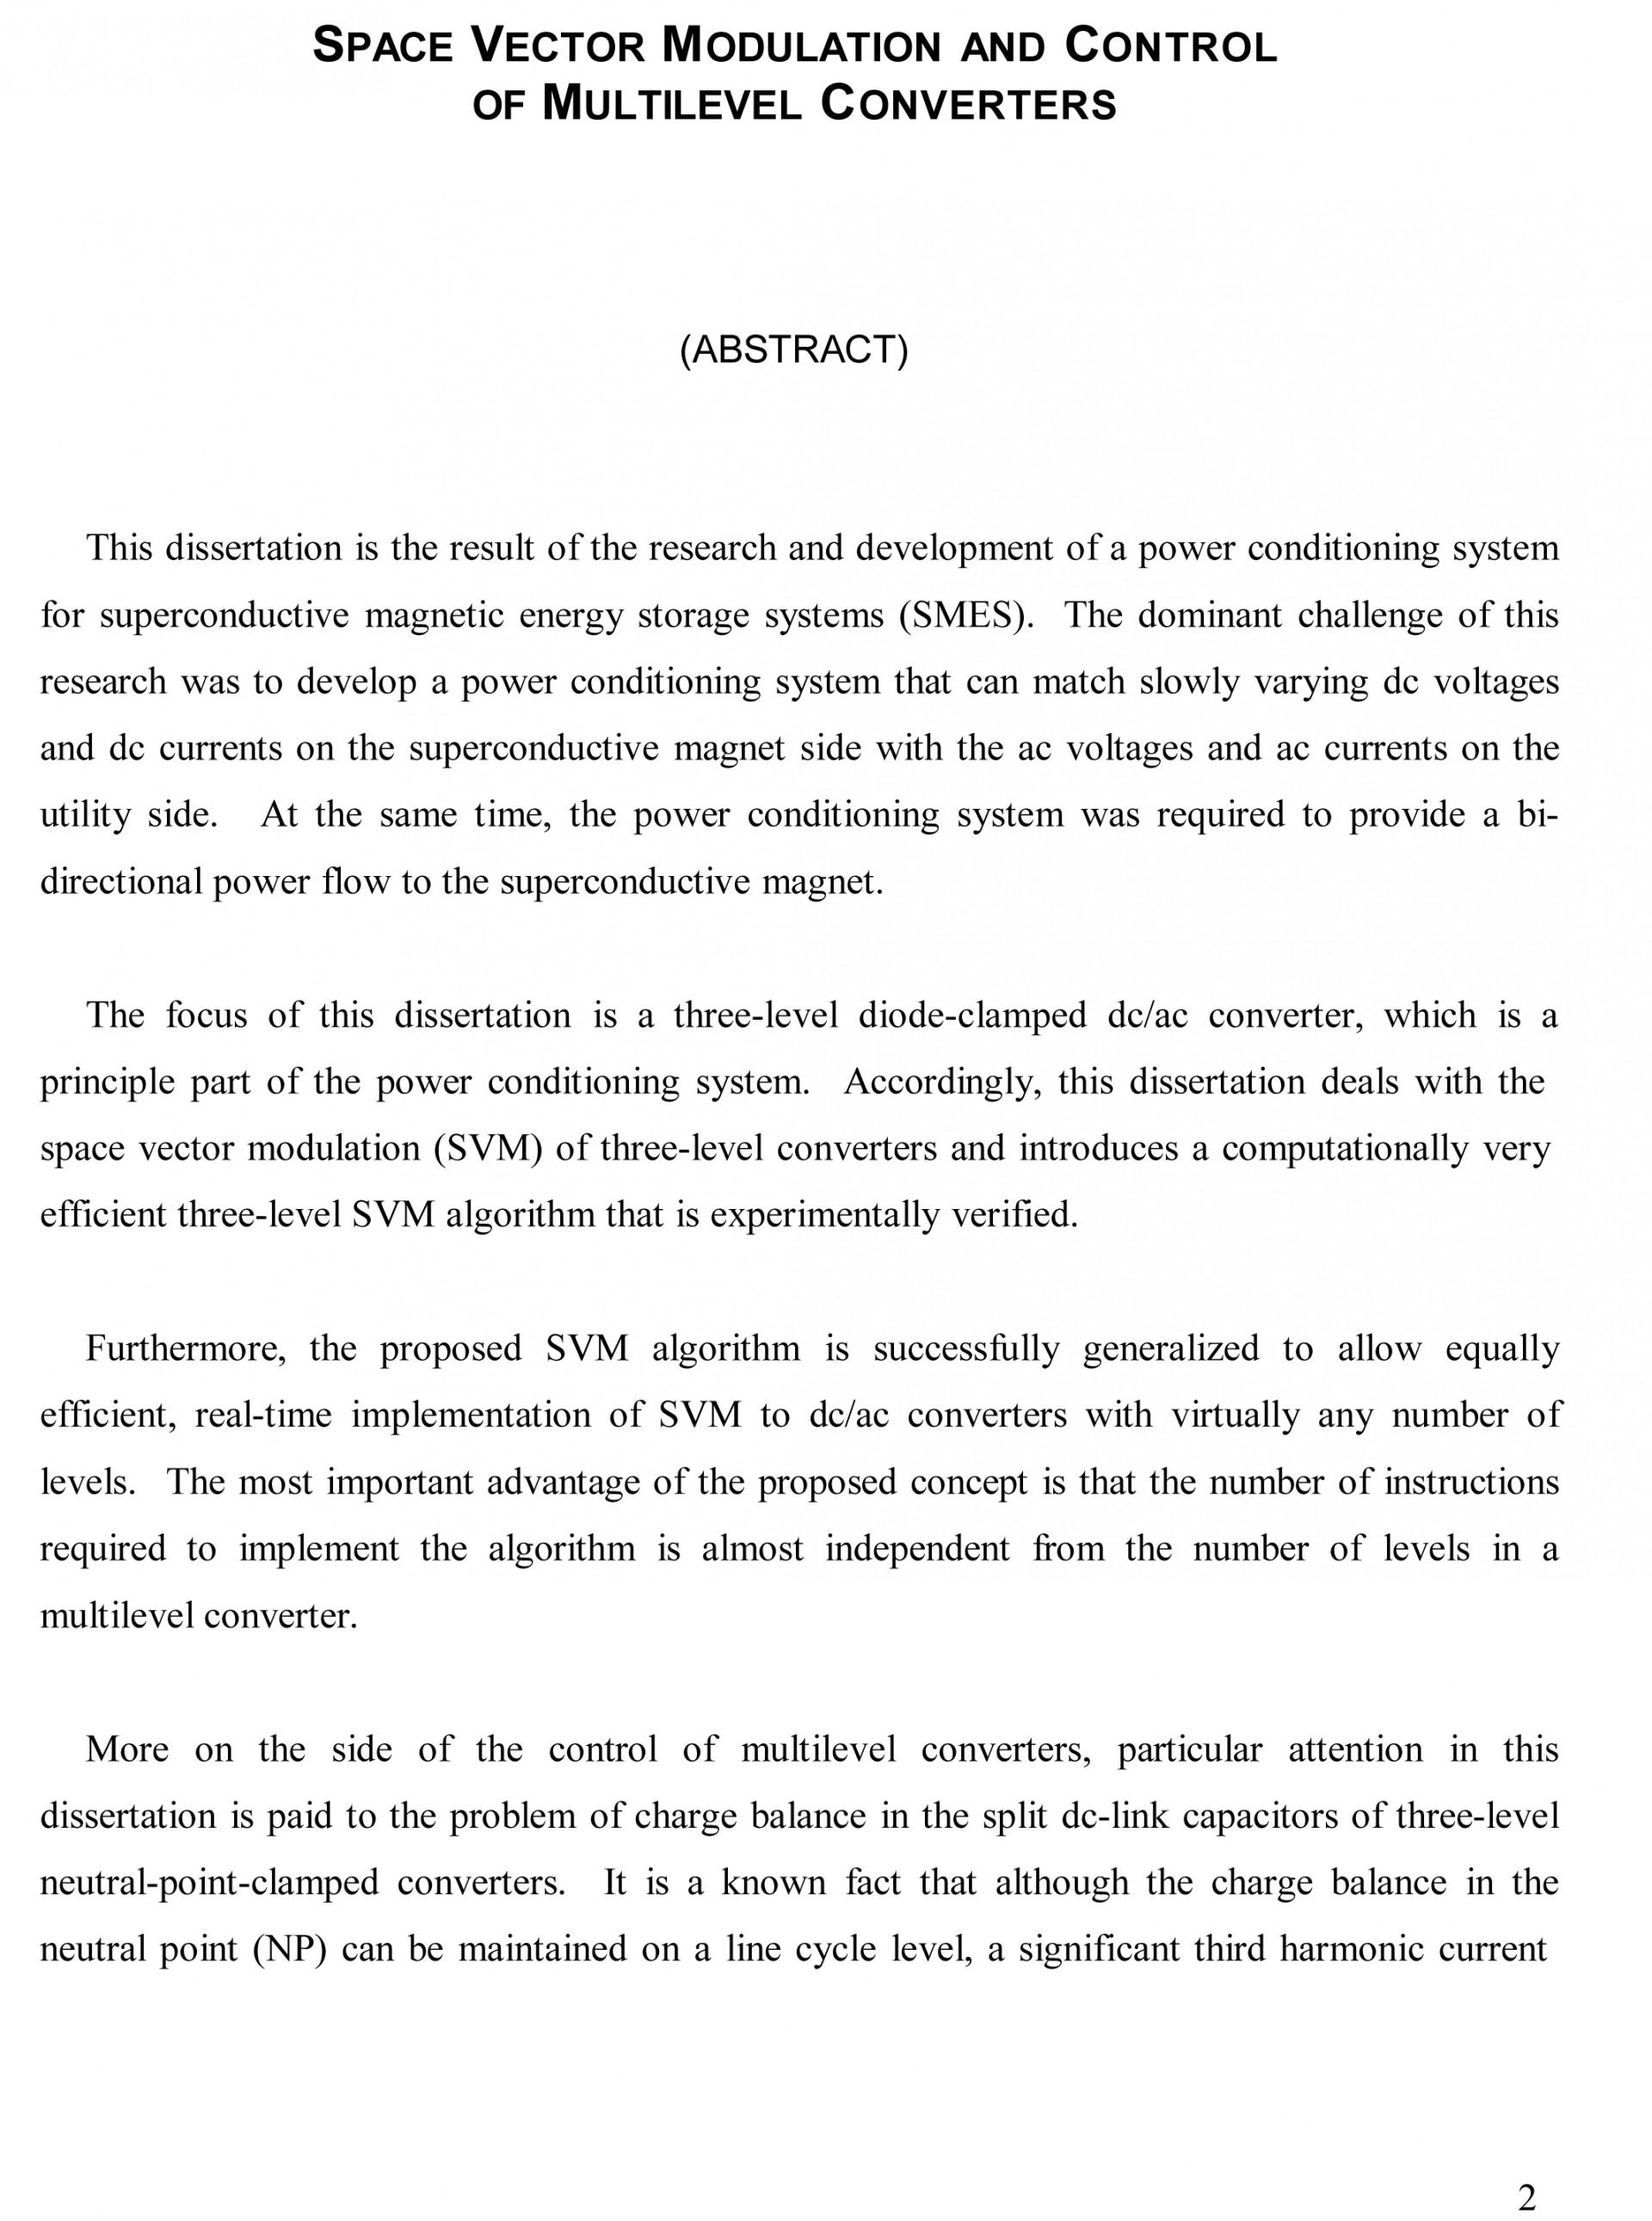 010 Mahatma Gandhi Essay In Urdu Example Imposing Language Jayanti Speech 1920